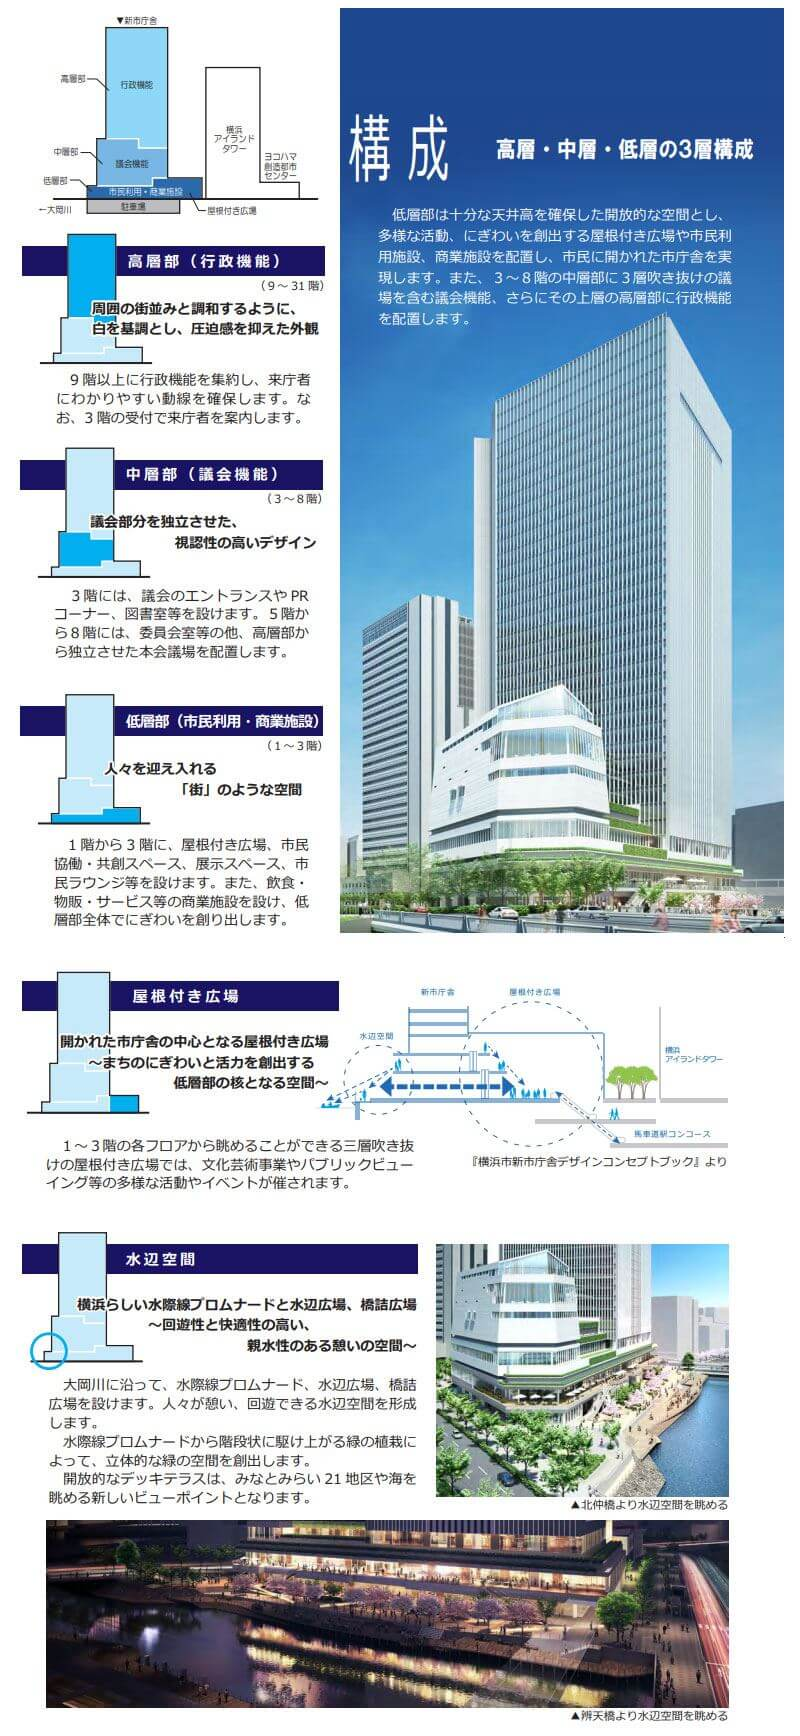 横浜新市庁舎の建物概要